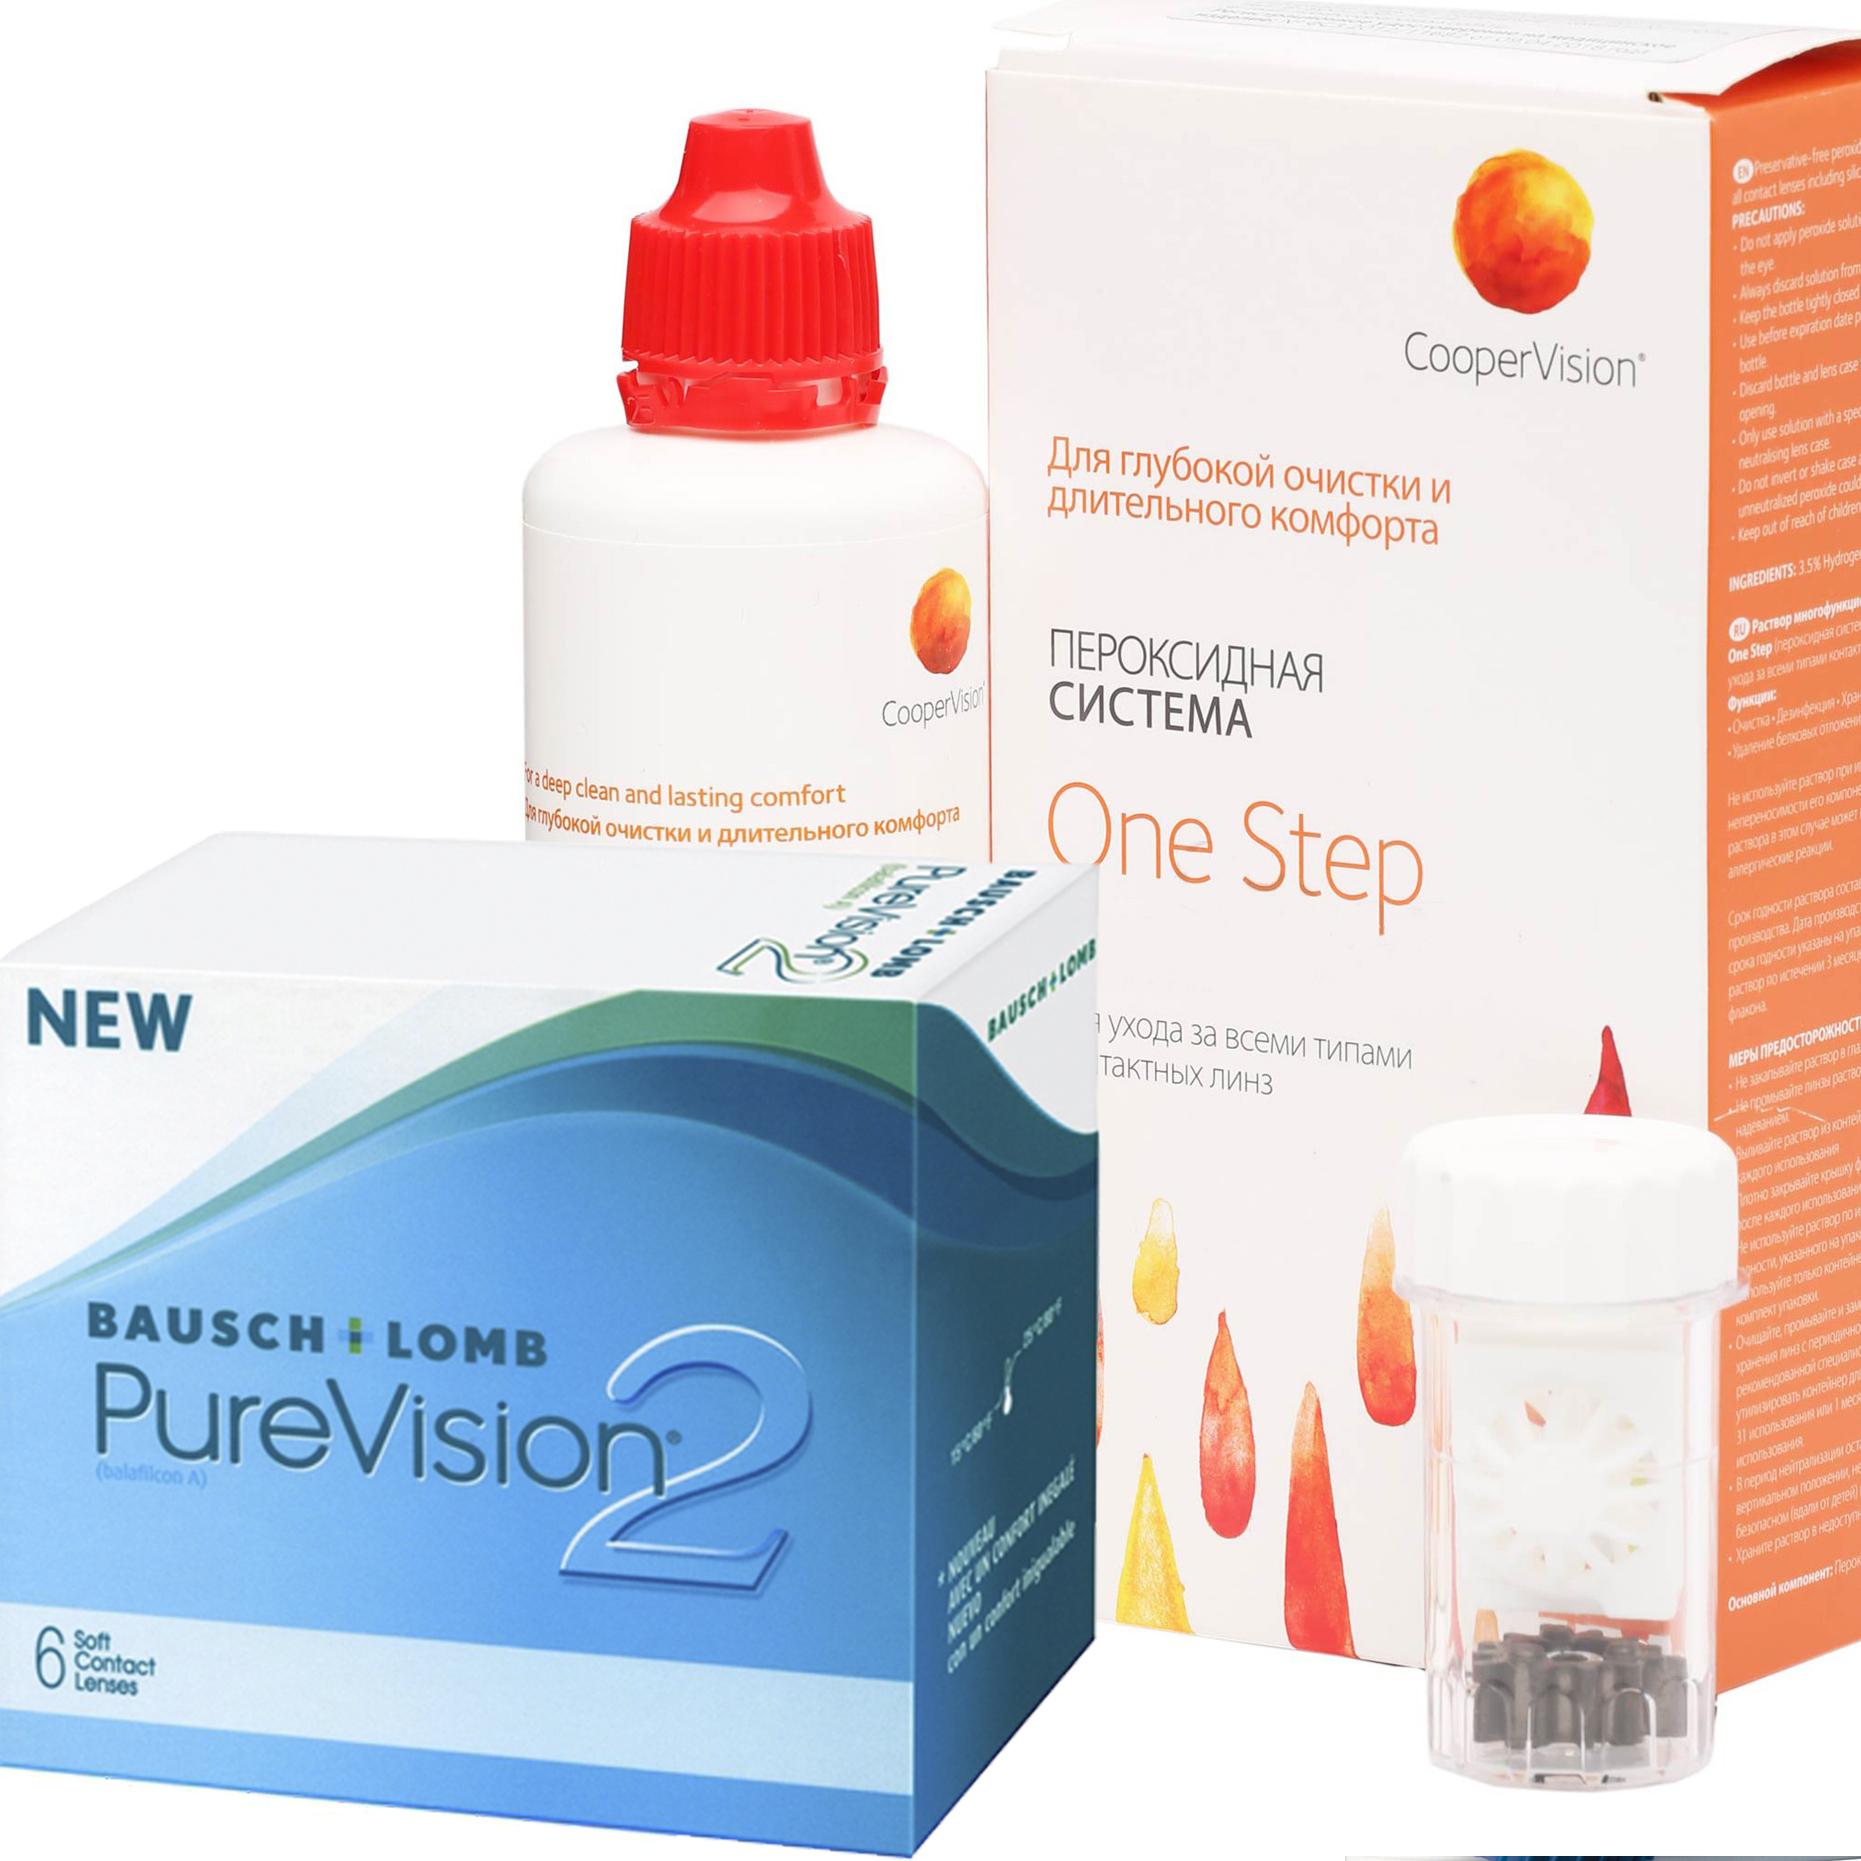 Купить 2 6 линз + One Step, Контактные линзы PureVision 2 6 линз R 8.6 +4, 75 + Раствор One Step 360 мл